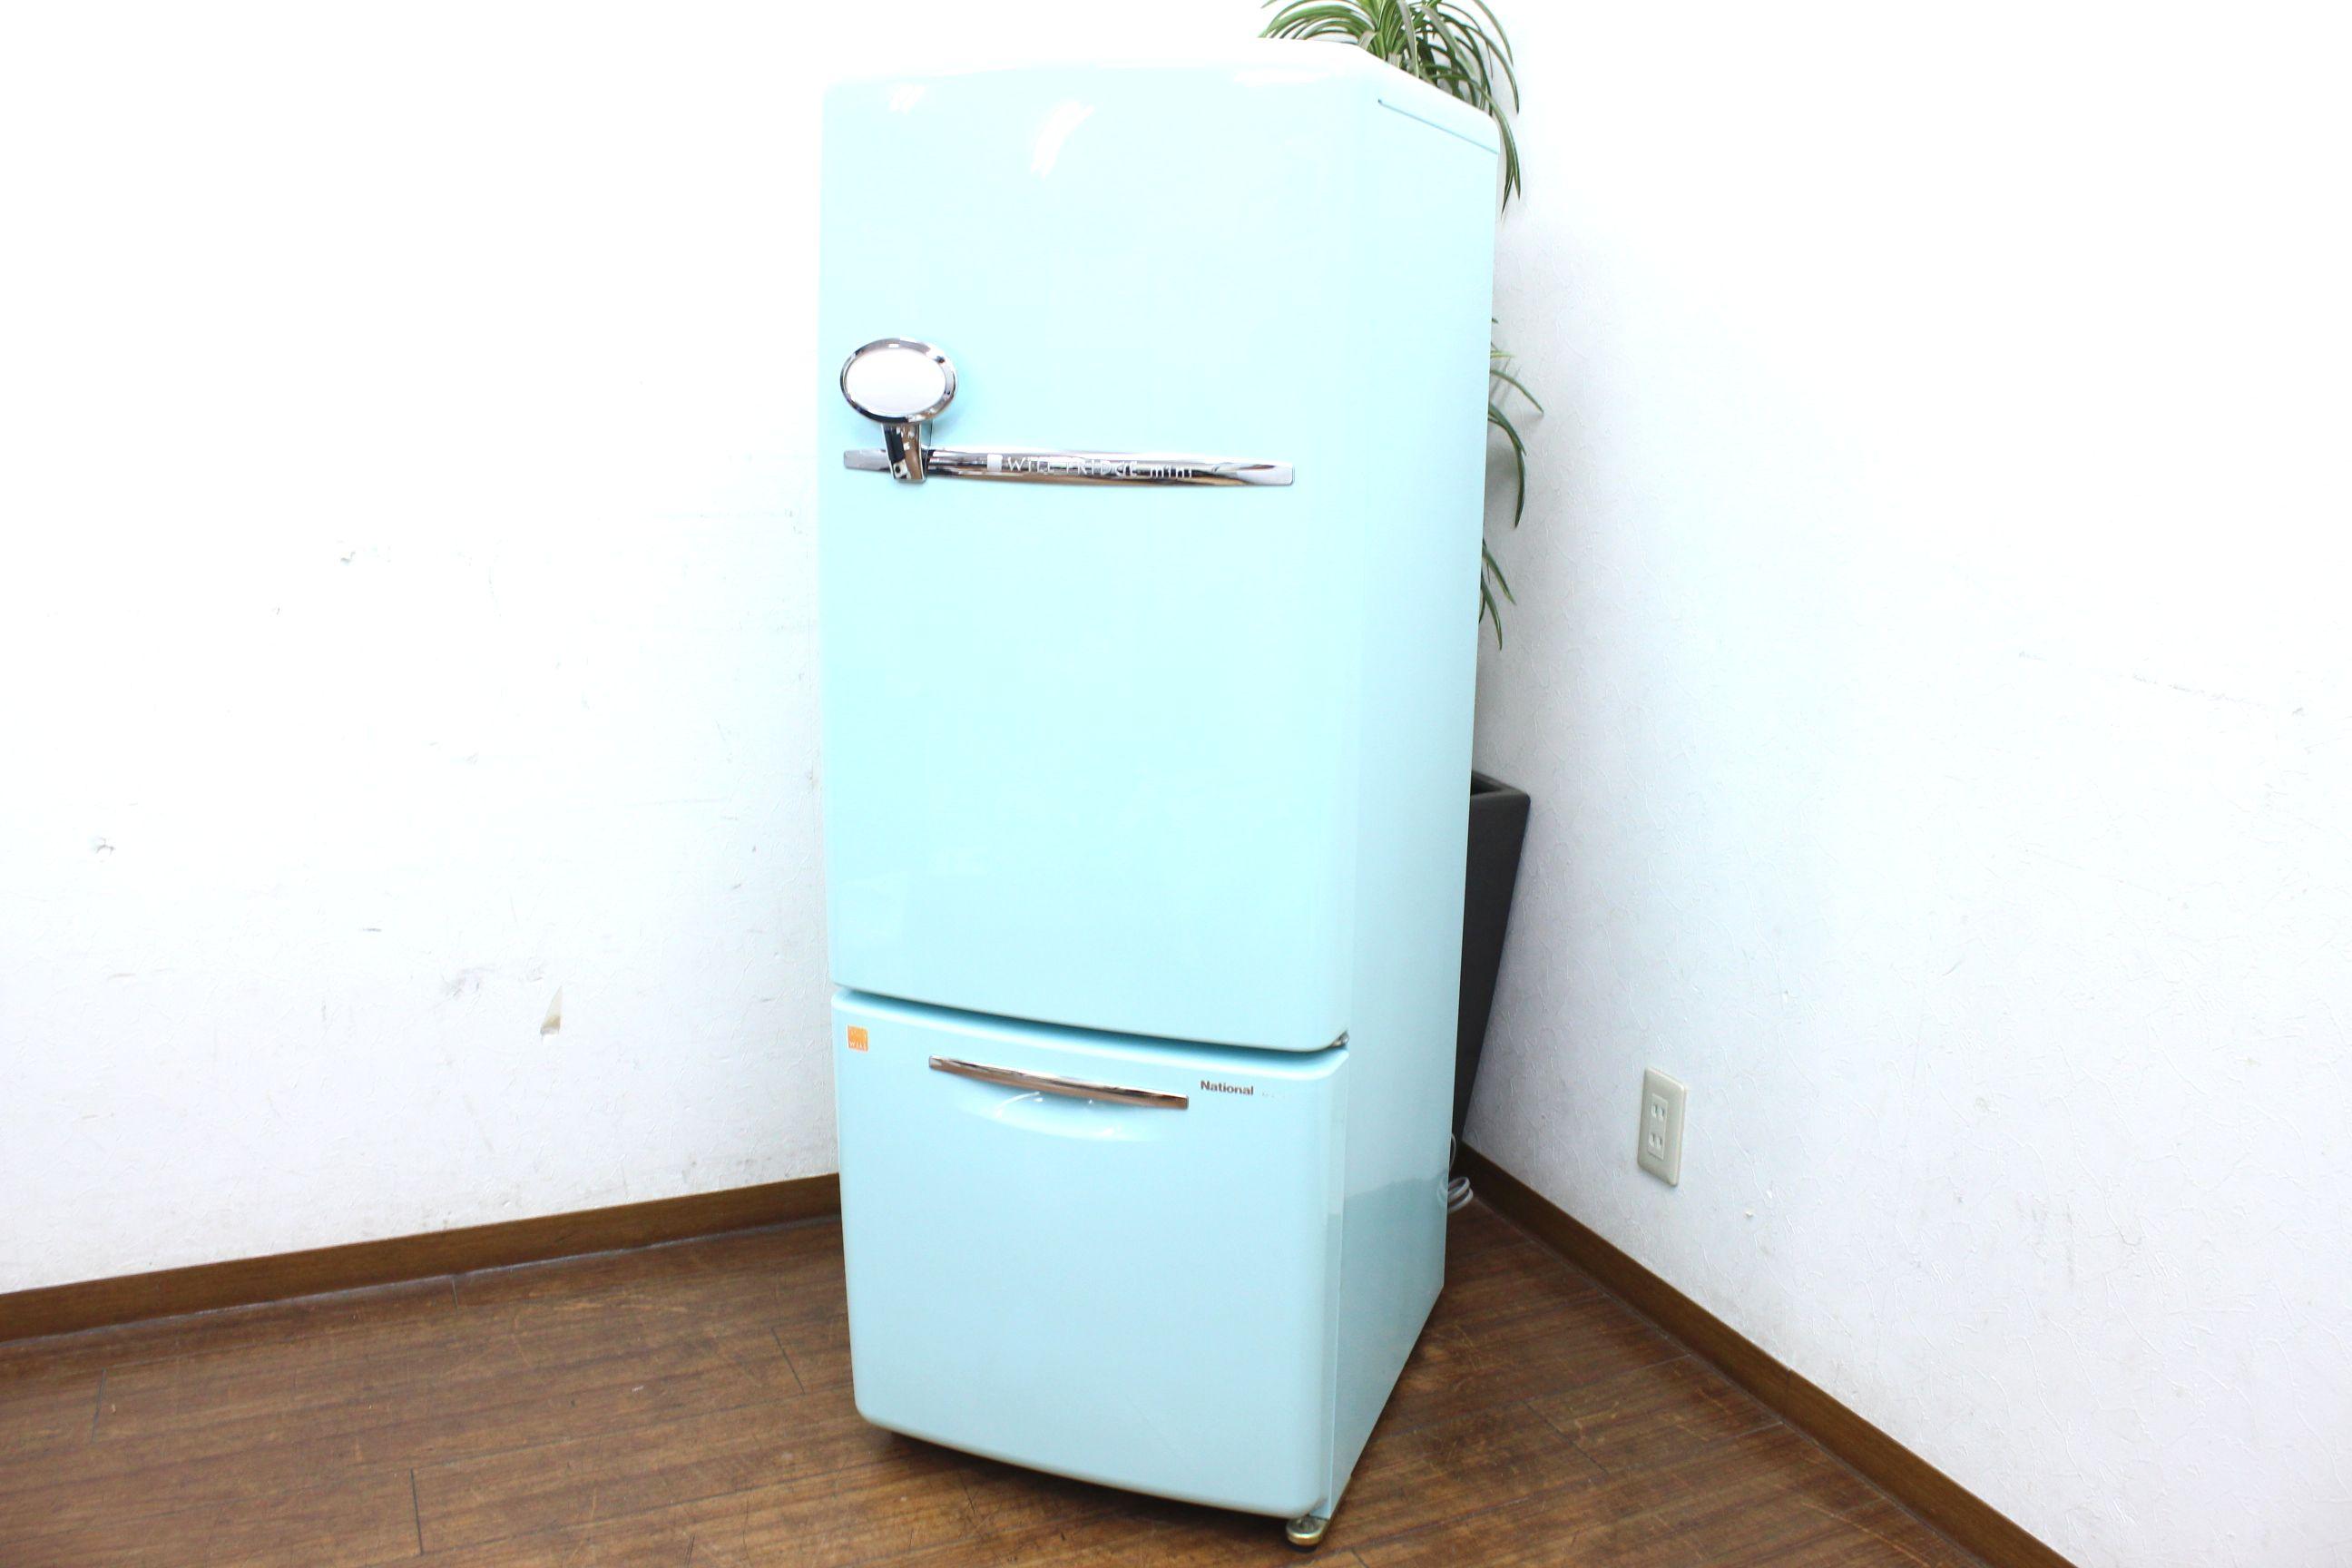 (大野城市)National ナショナル WiLL ウィル FRIDGE mini 2ドア冷凍冷蔵庫 ターコイズブルー 162Lの買取-36000